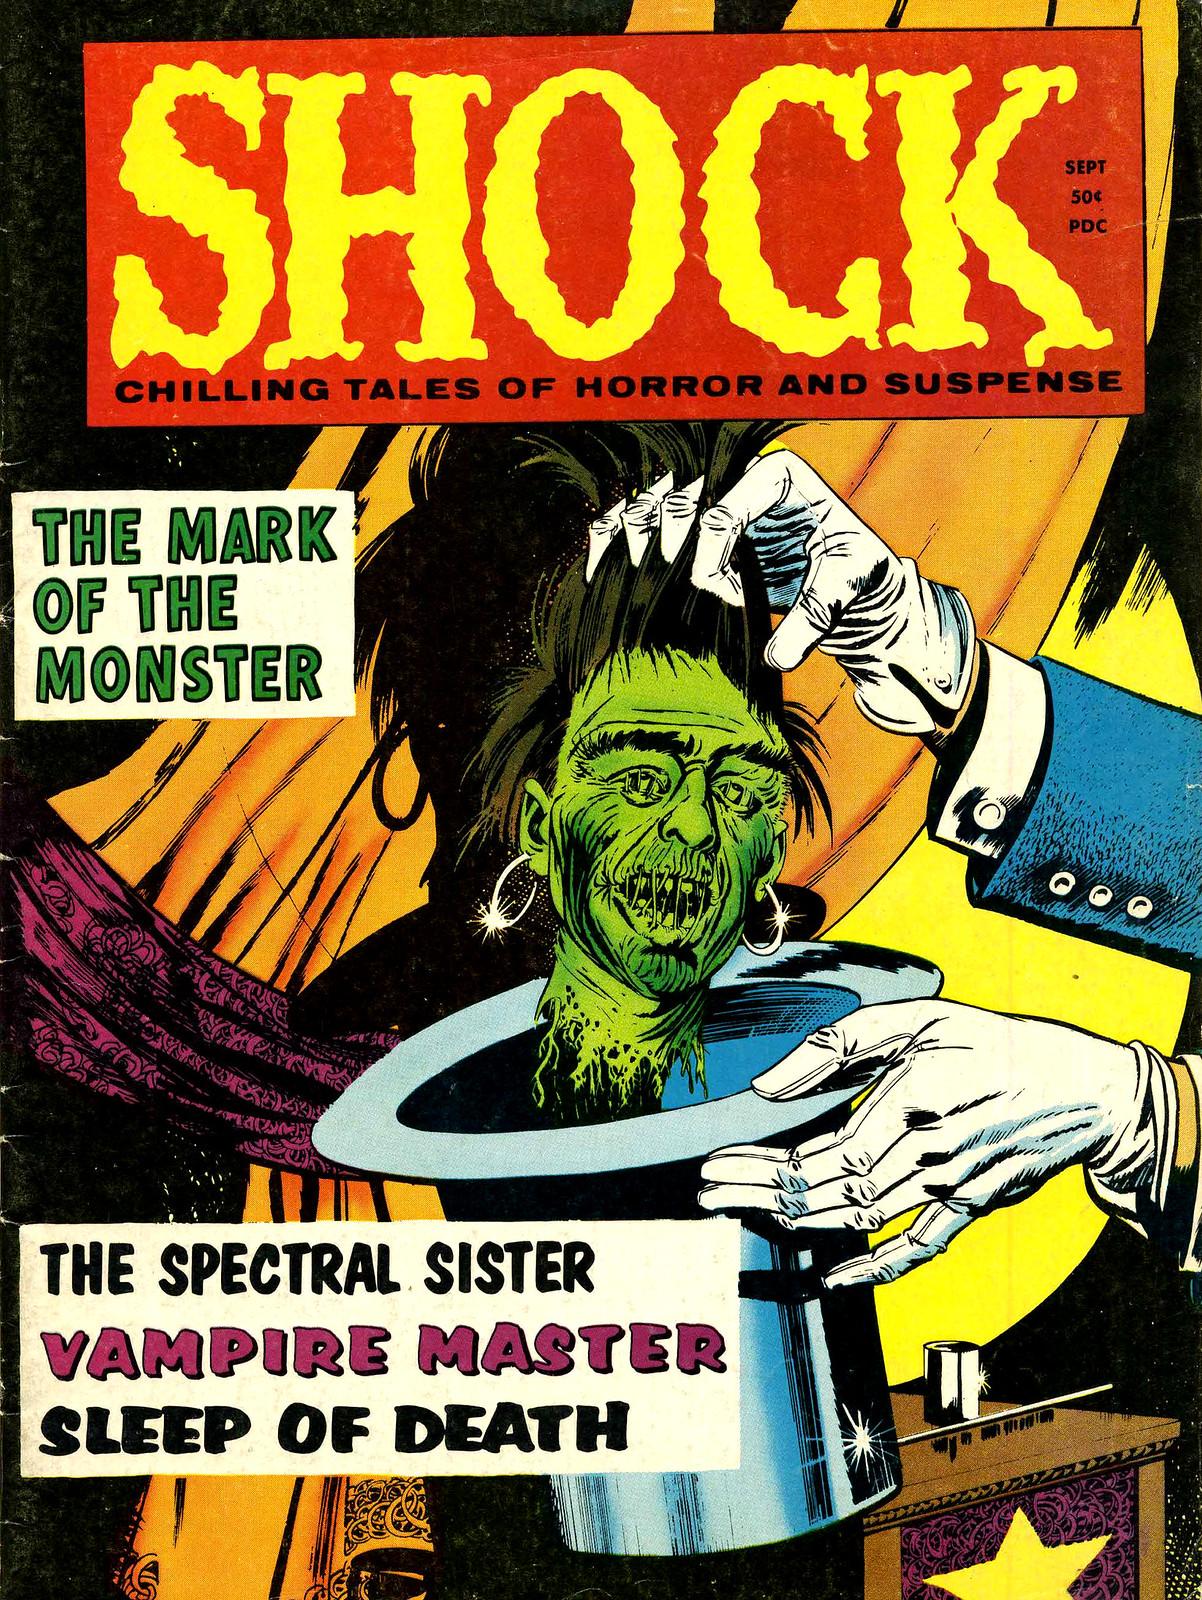 Shock - Volume 2, Issue 04, September 1970